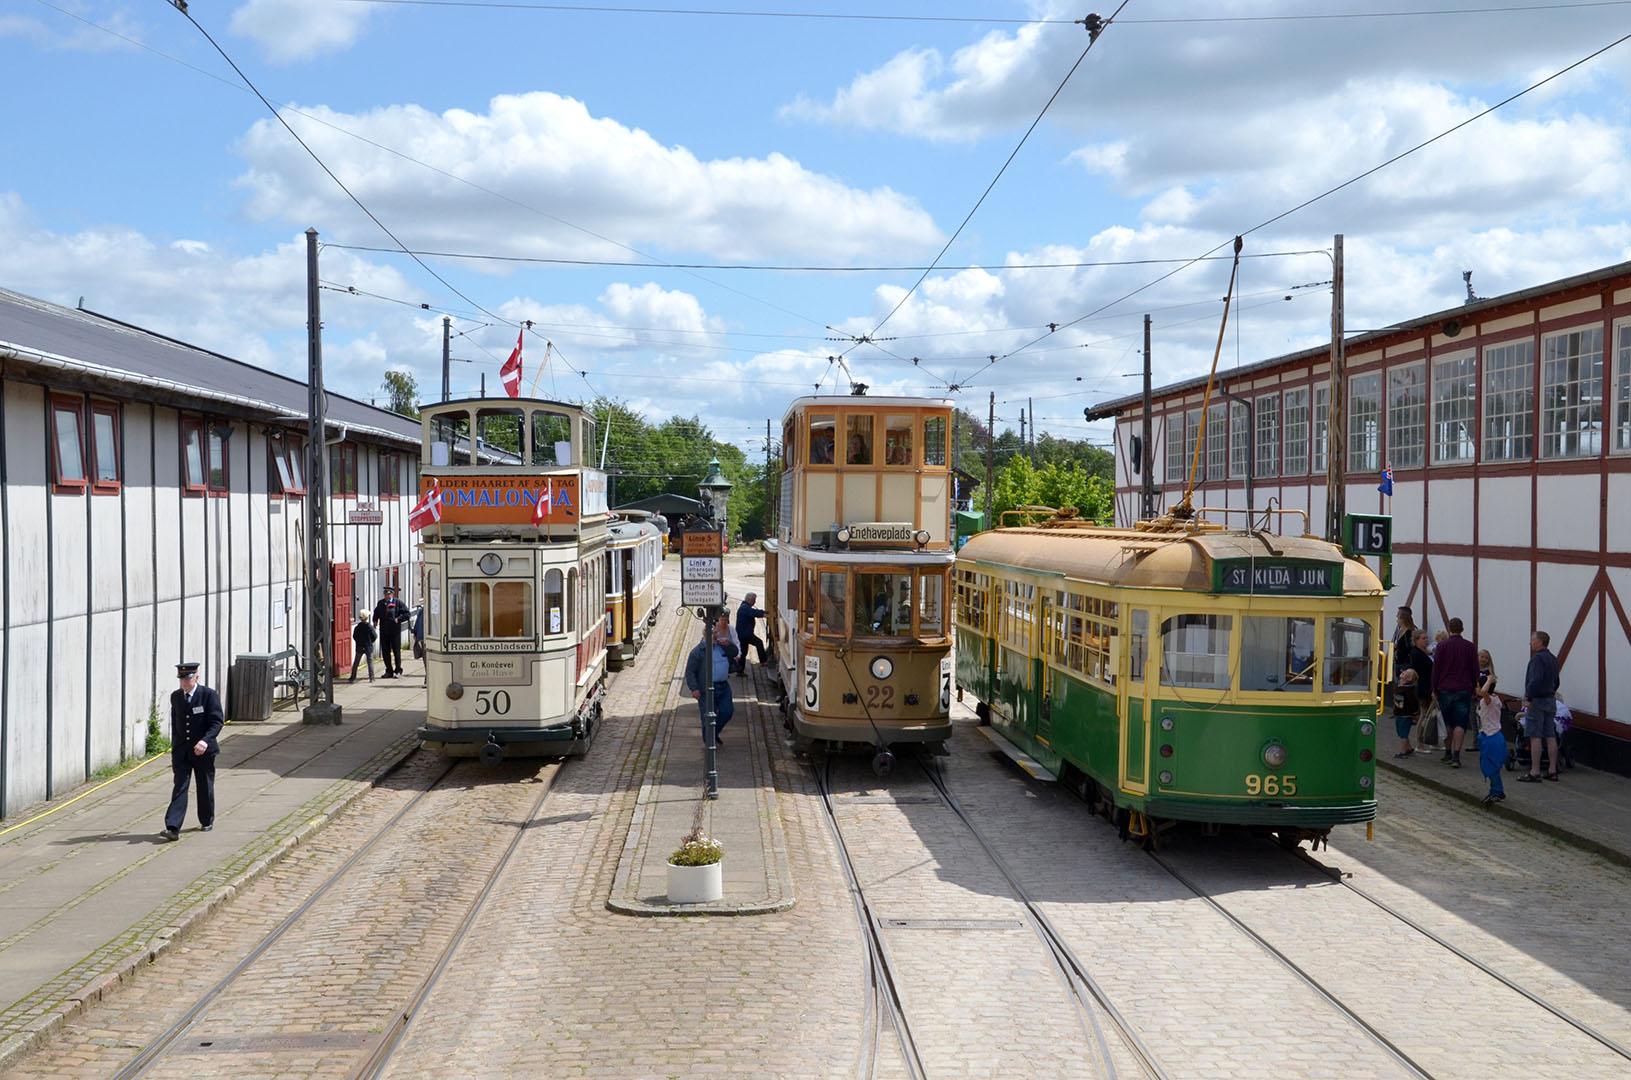 Sporvejsmuseet_5_trams_Sporvejsmuseet